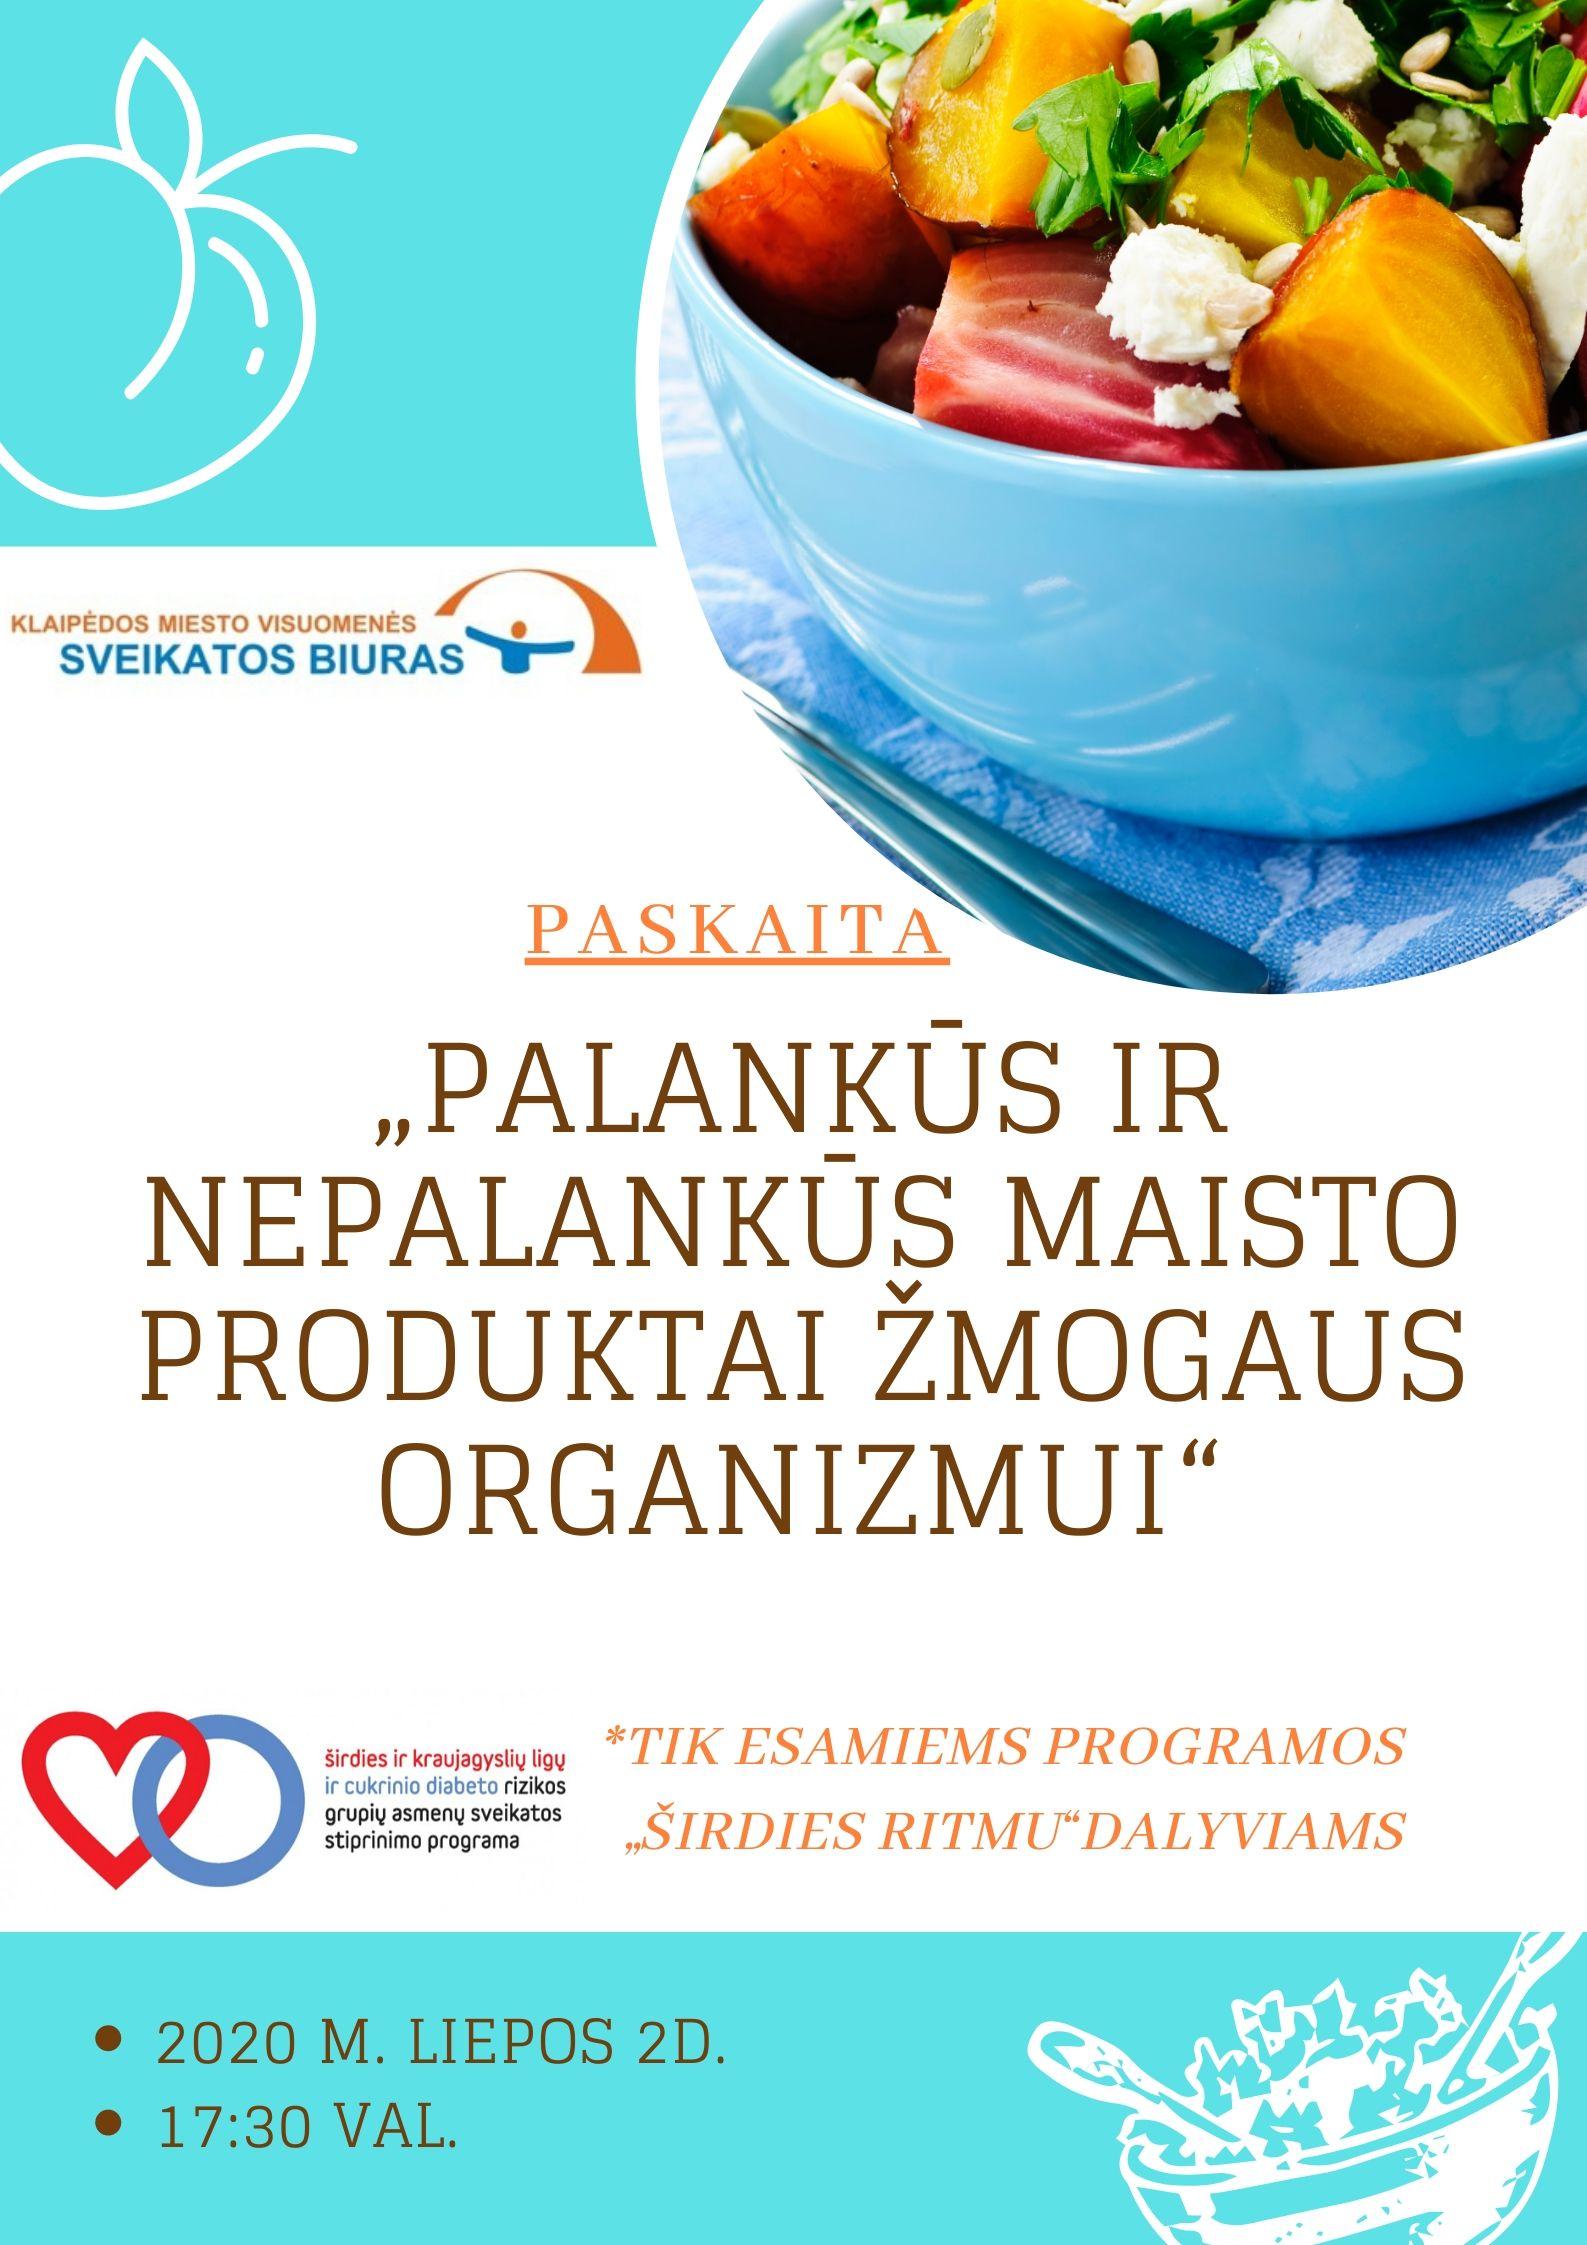 sveikatos programų širdies ritmas anakardžių ir širdies sveikata